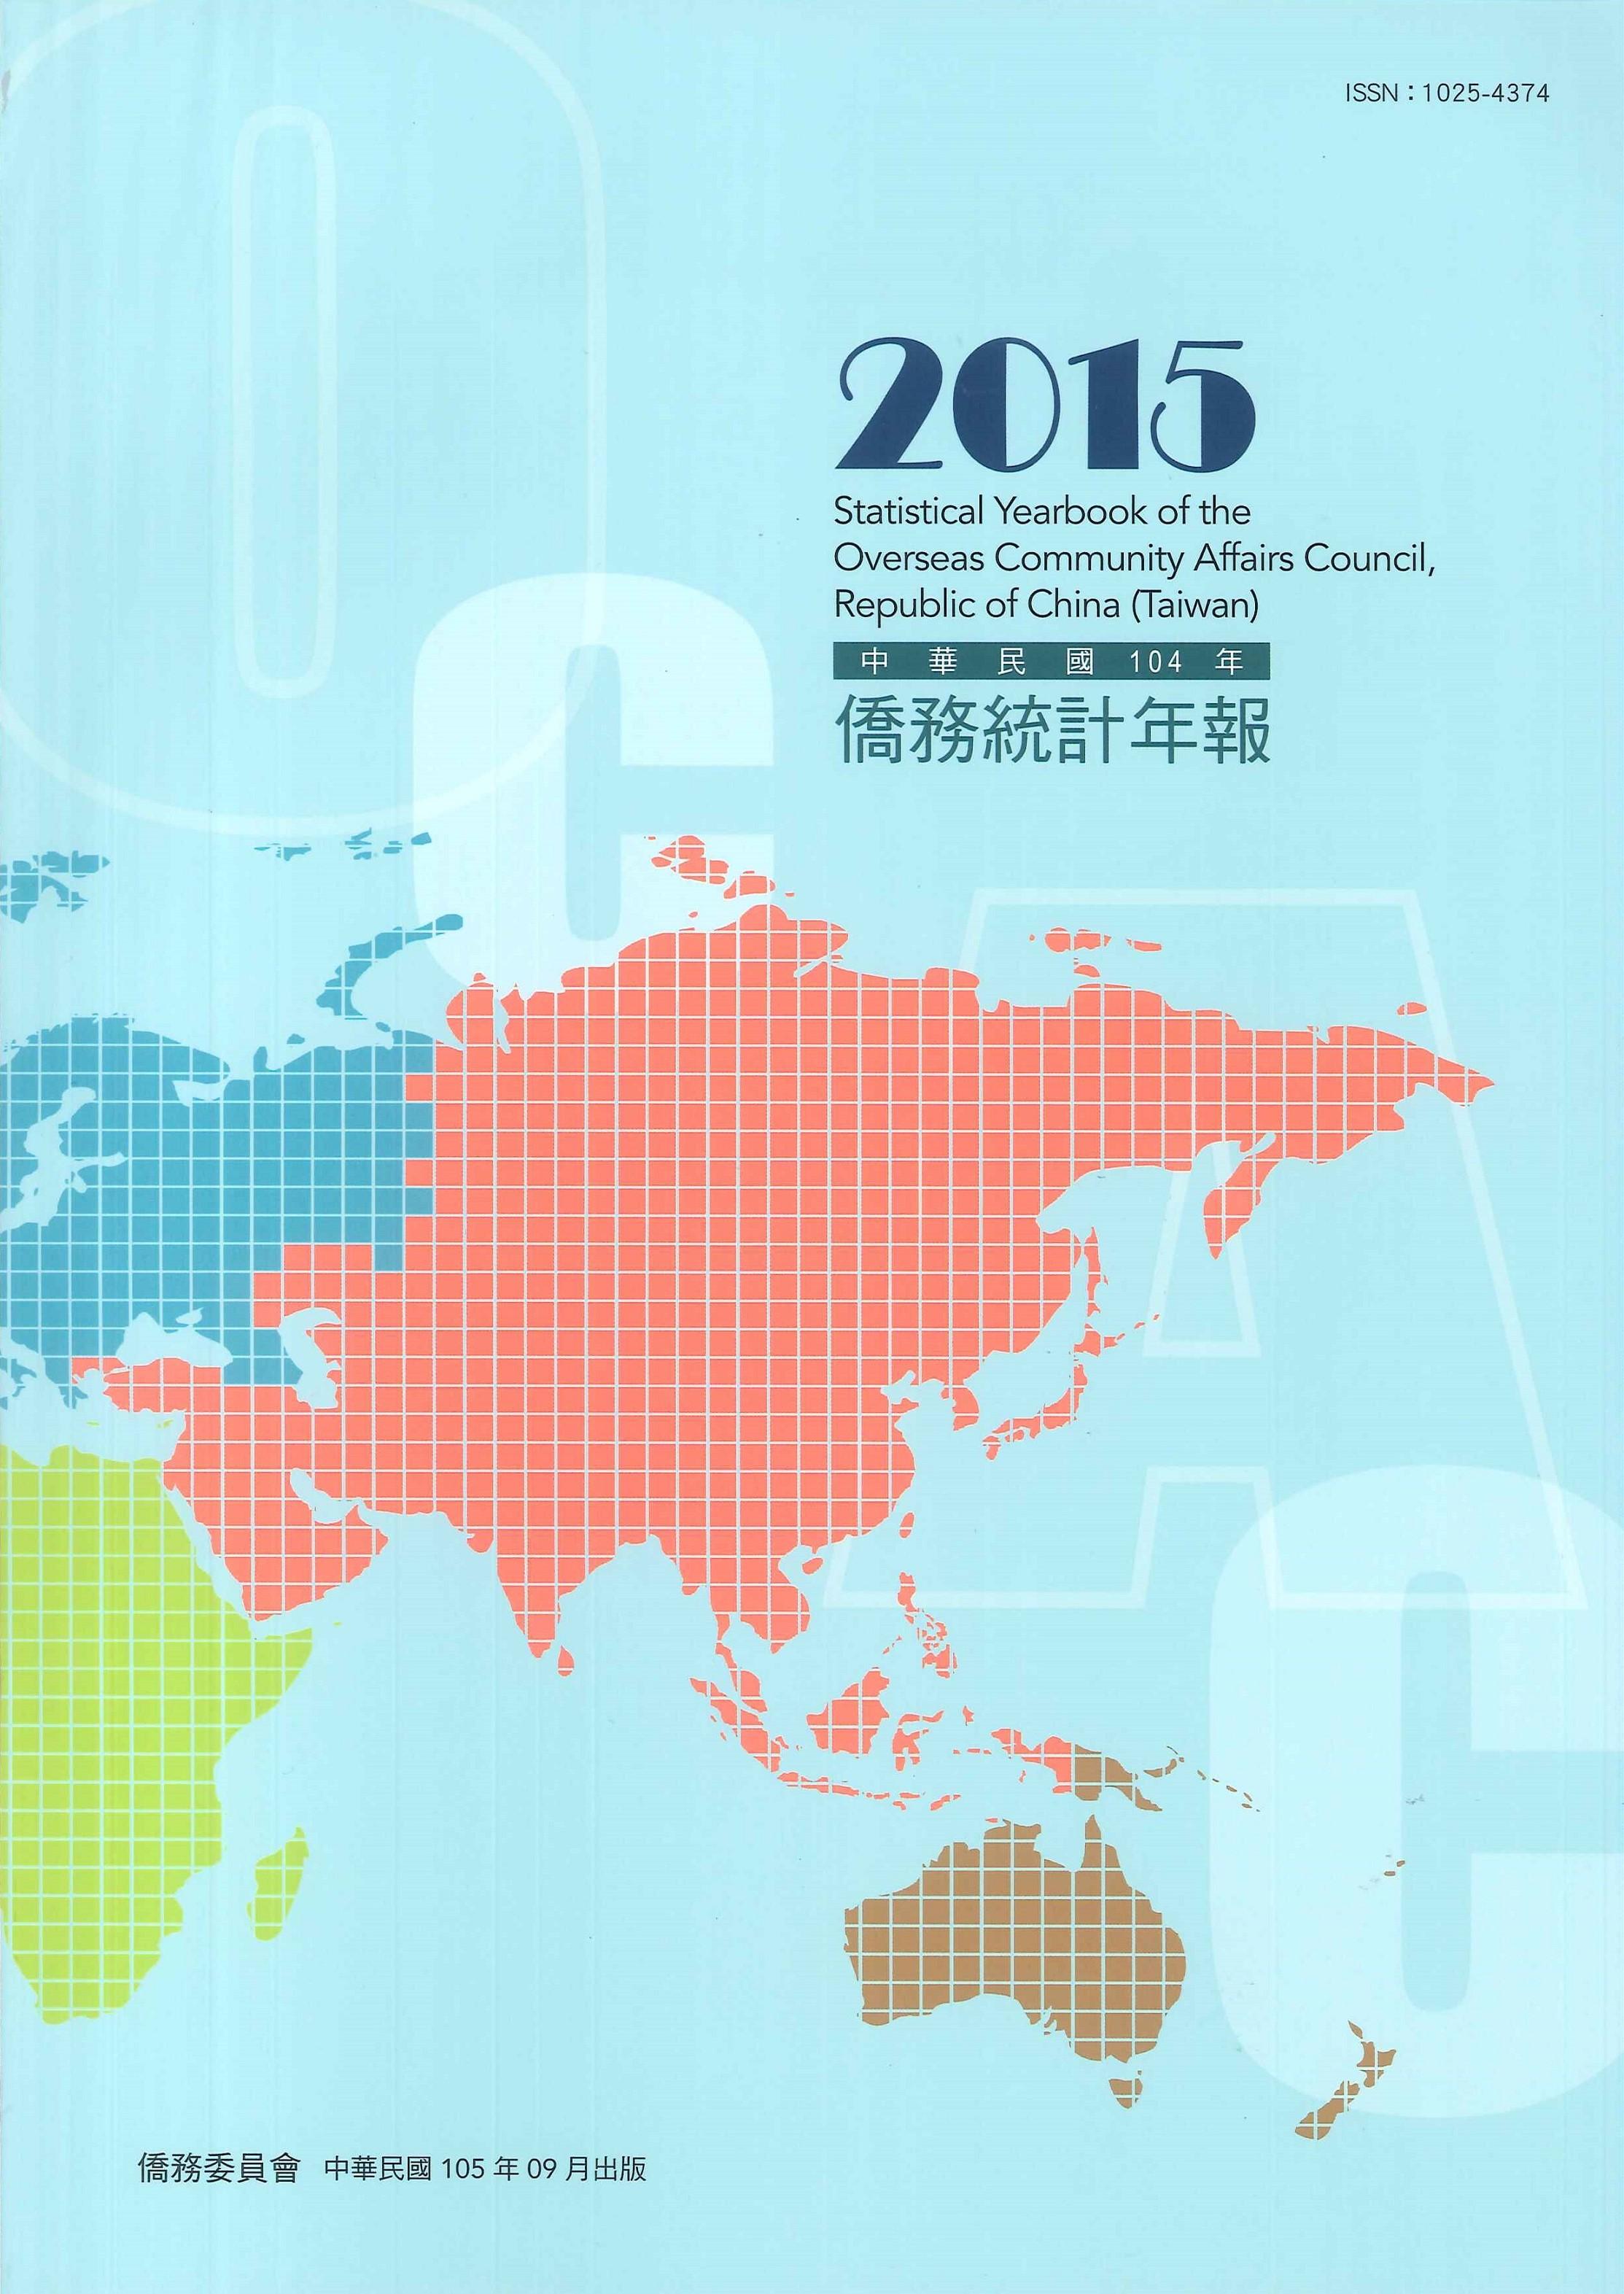 中華民國僑務統計年報=Statistical yearbook of the Overseas Compatriot Affairs Commission, Republic of China (Taiwan)